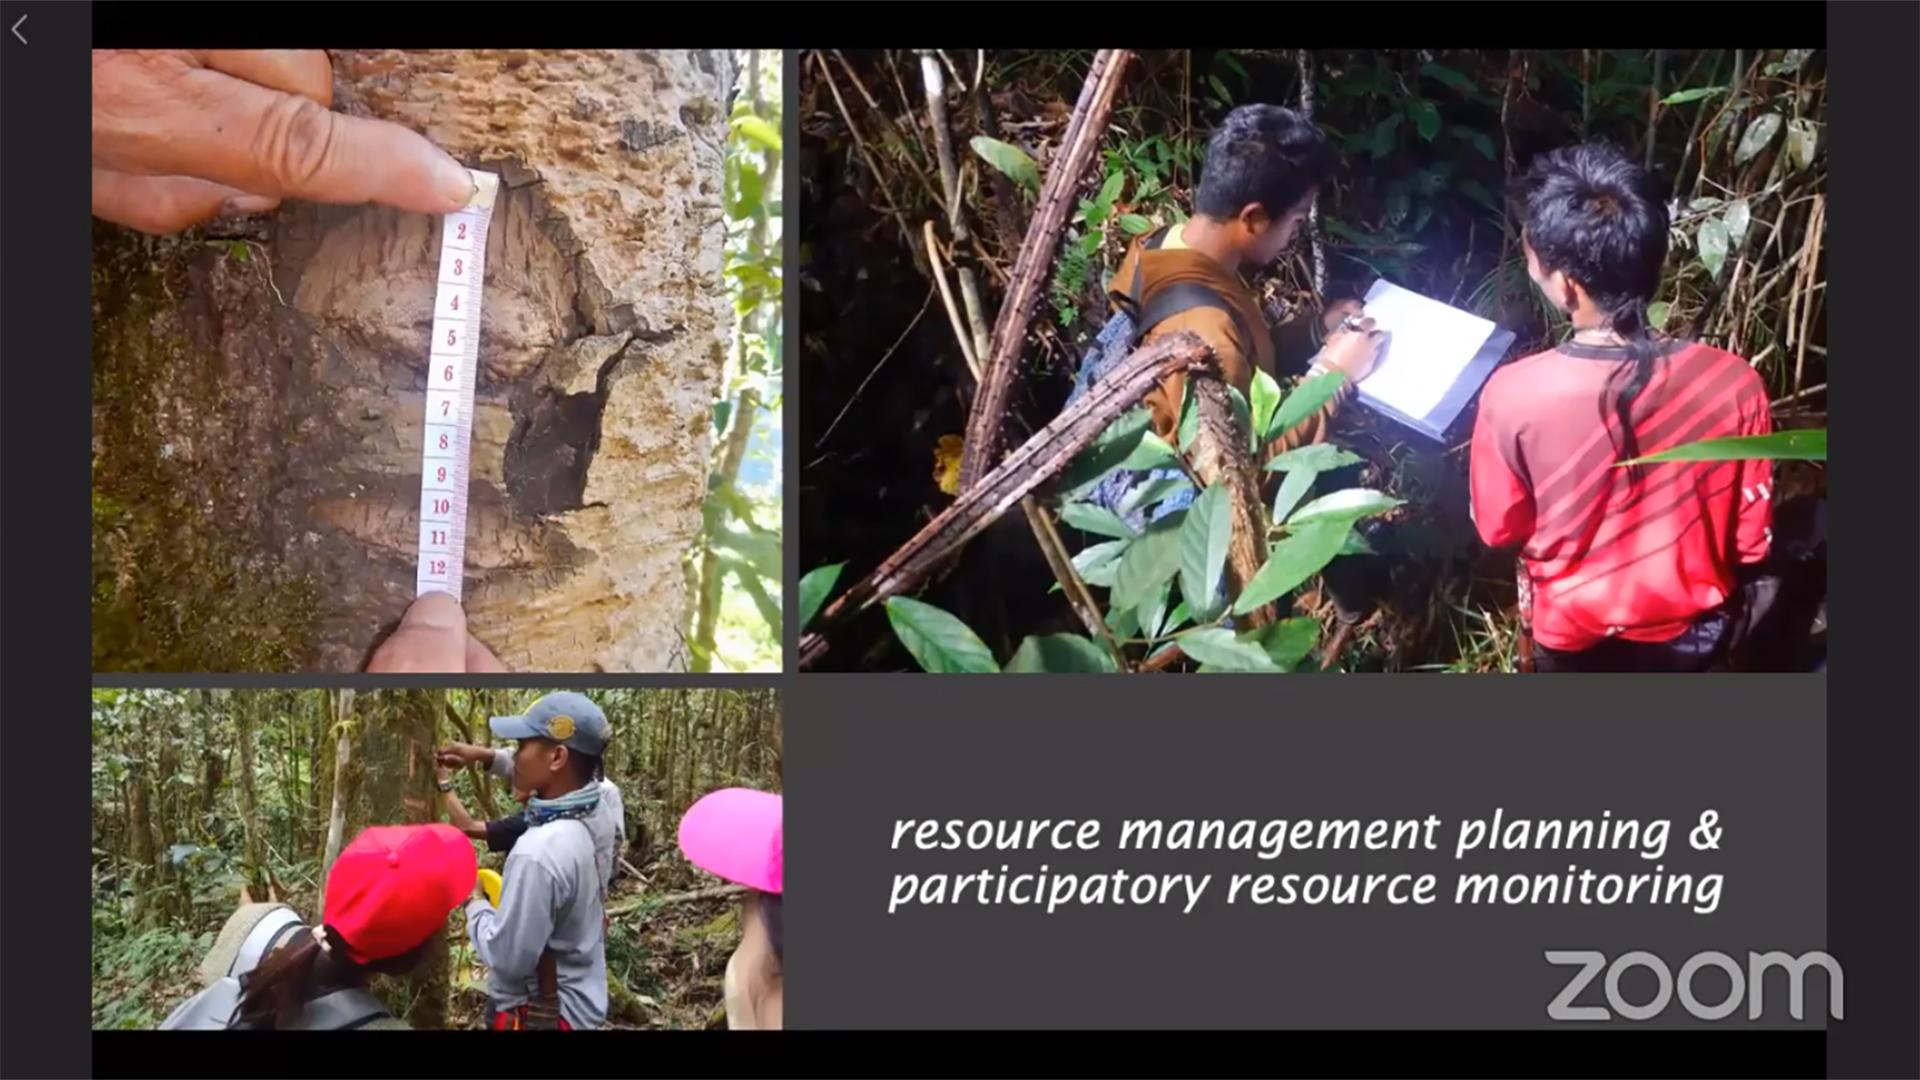 Perspectives des Peuples Autochtones dans un webinaire sur la conservation aux Philippines